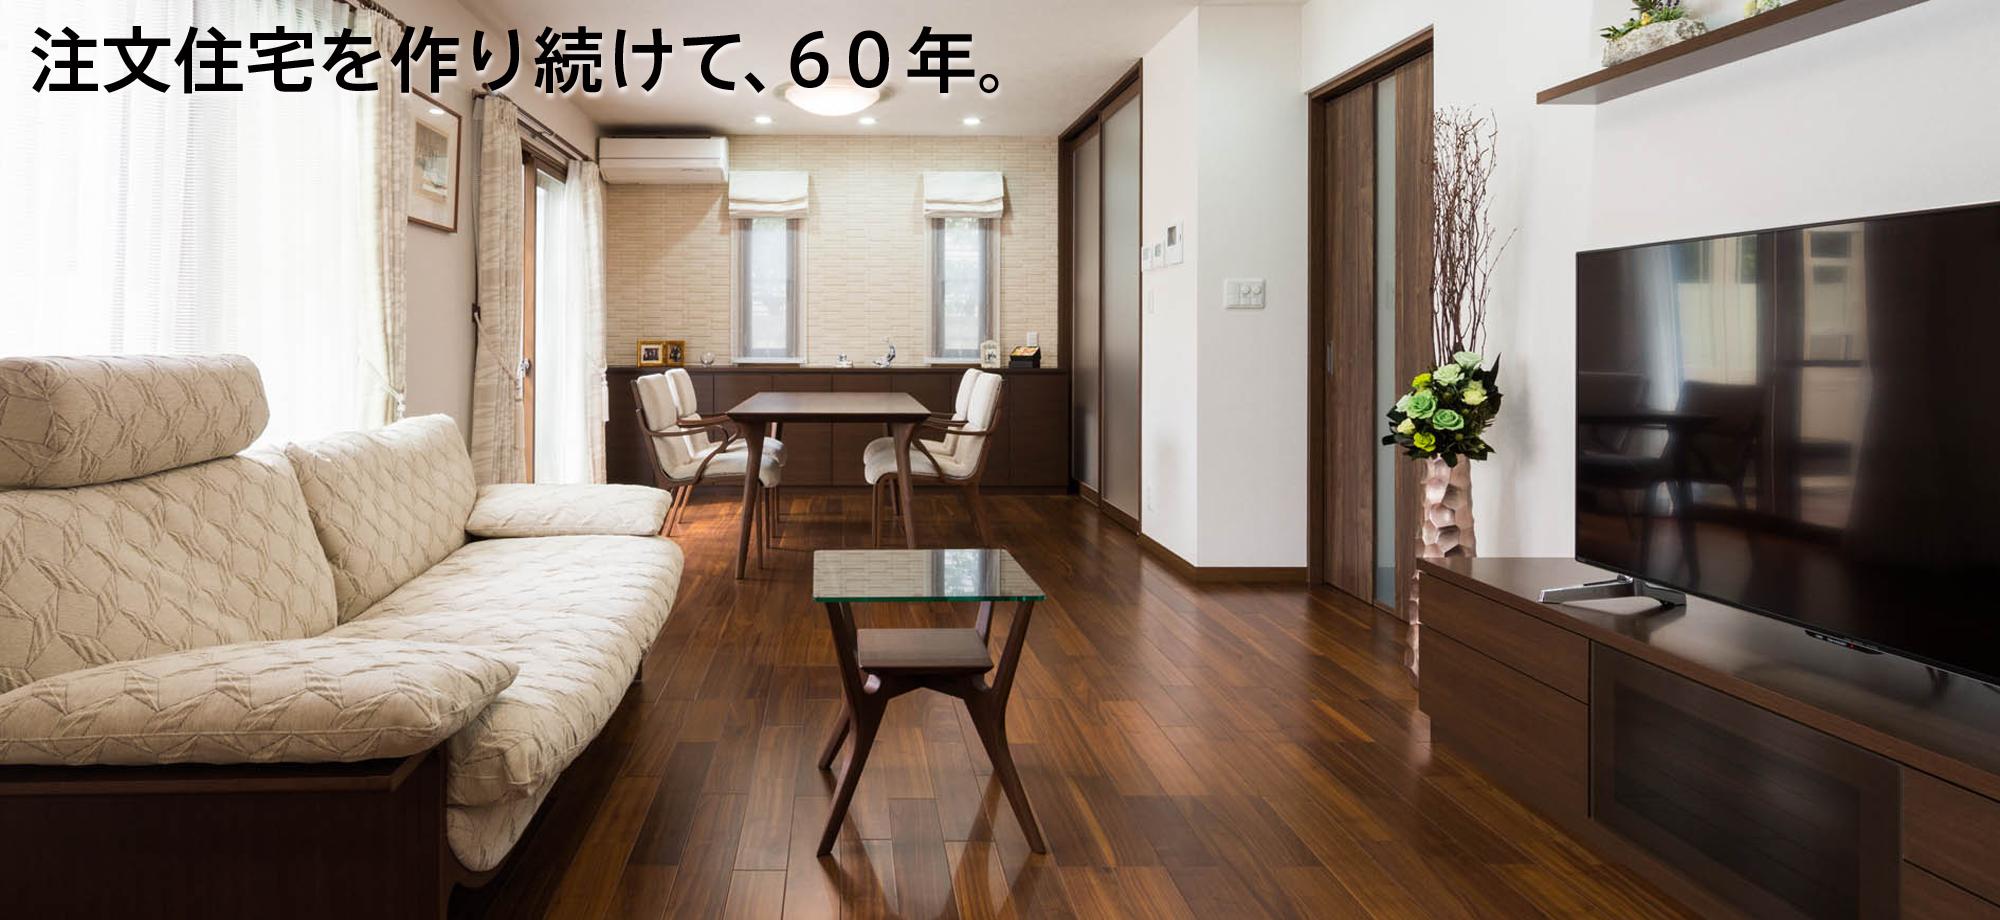 1957年創業以来、伊丹で注文住宅をつくり続けてもうすぐ60年。ただひた向きに、真面目にお客様の満足いく家をつくることが私たちの仕事です。